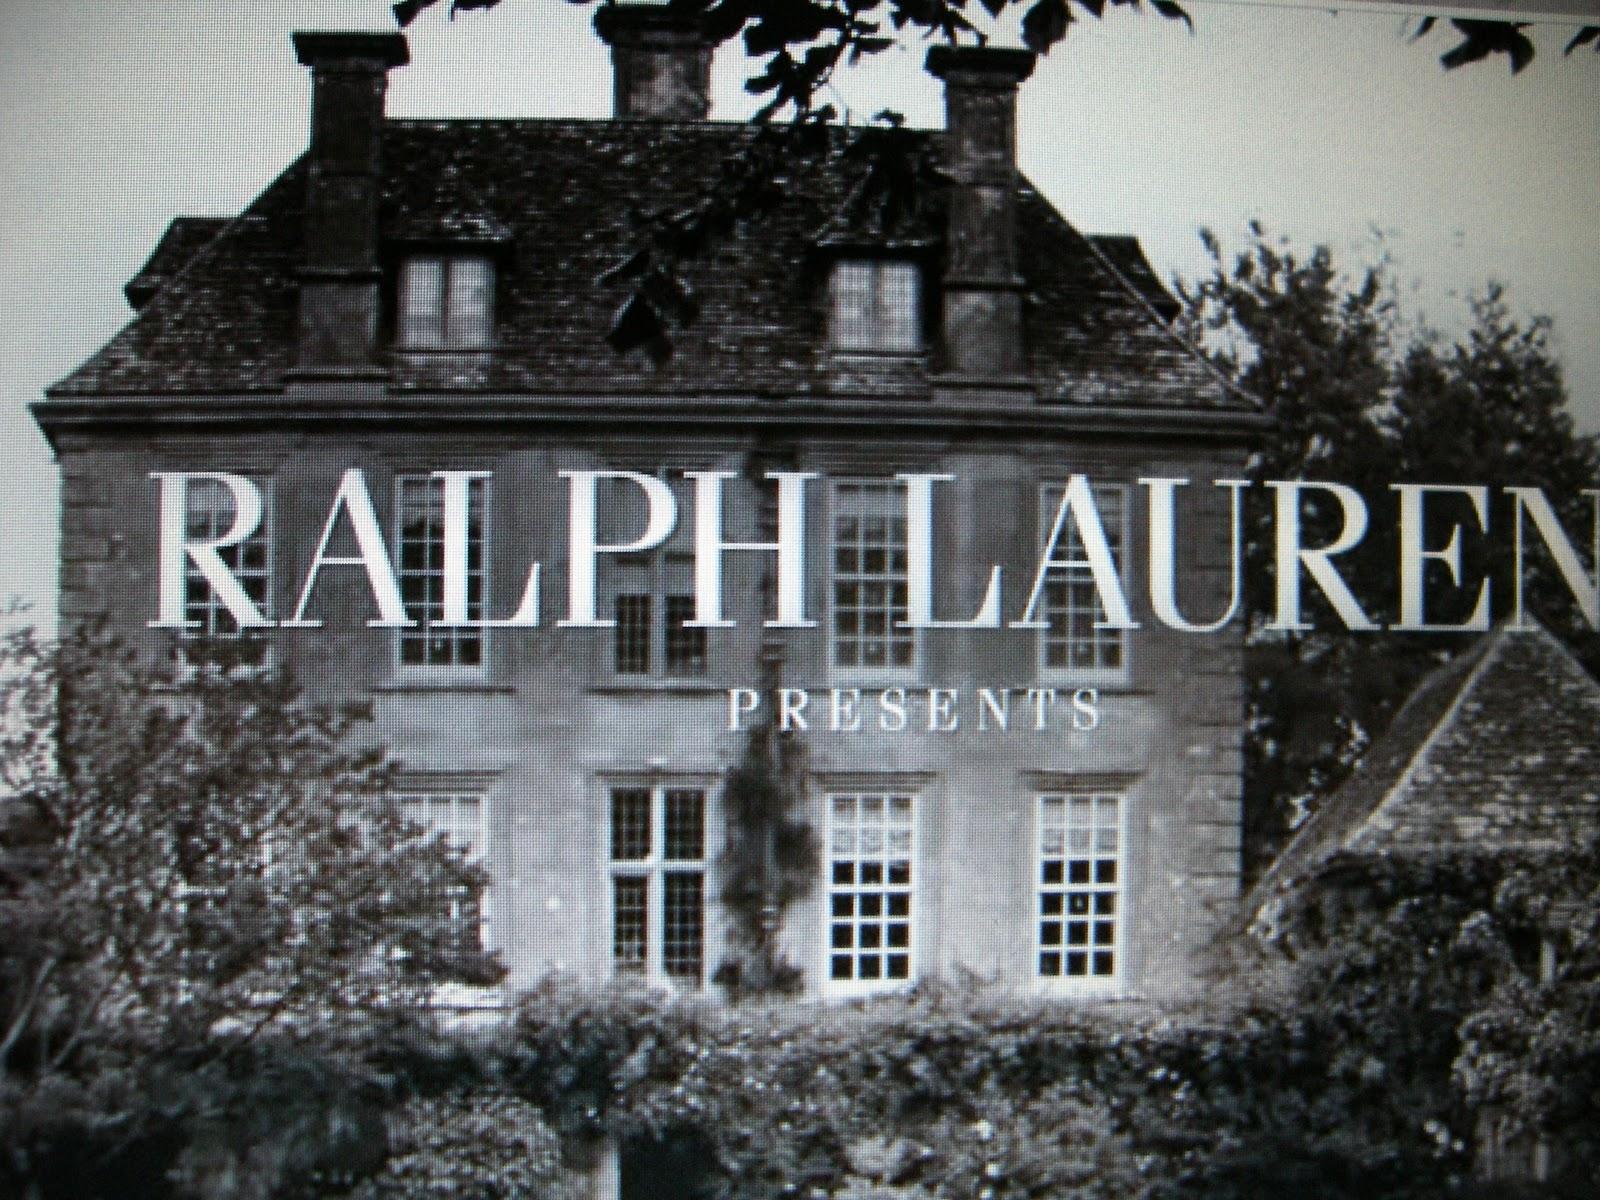 Catha tr s tr s chic linda cole o ralph lauren para casa a herdeira - Ralph lauren casa ...